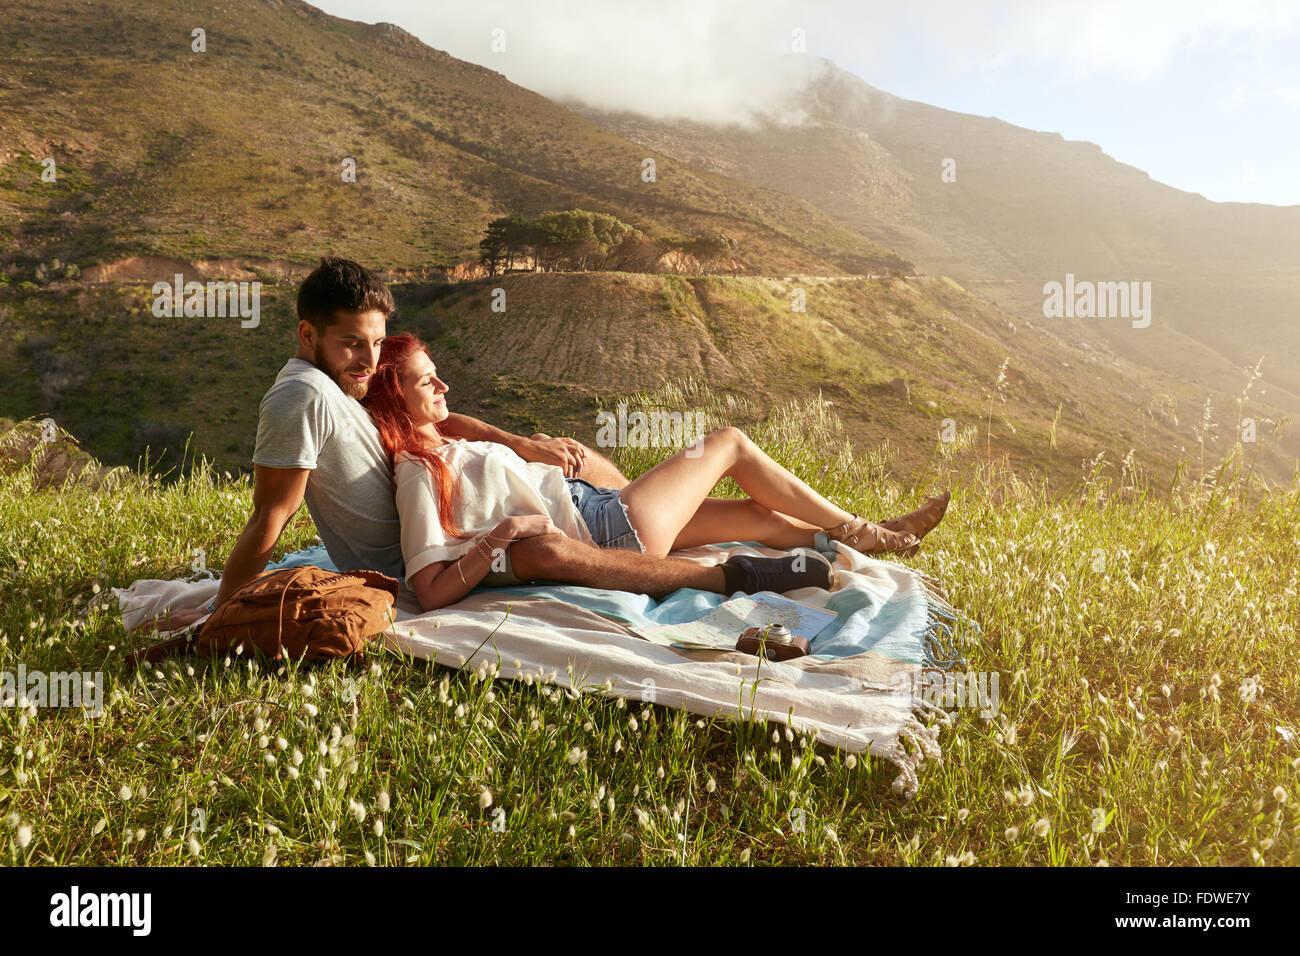 Feliz pareja joven en manta para picnic. Ellos son relajantes junto en un día de verano. Imagen De Stock